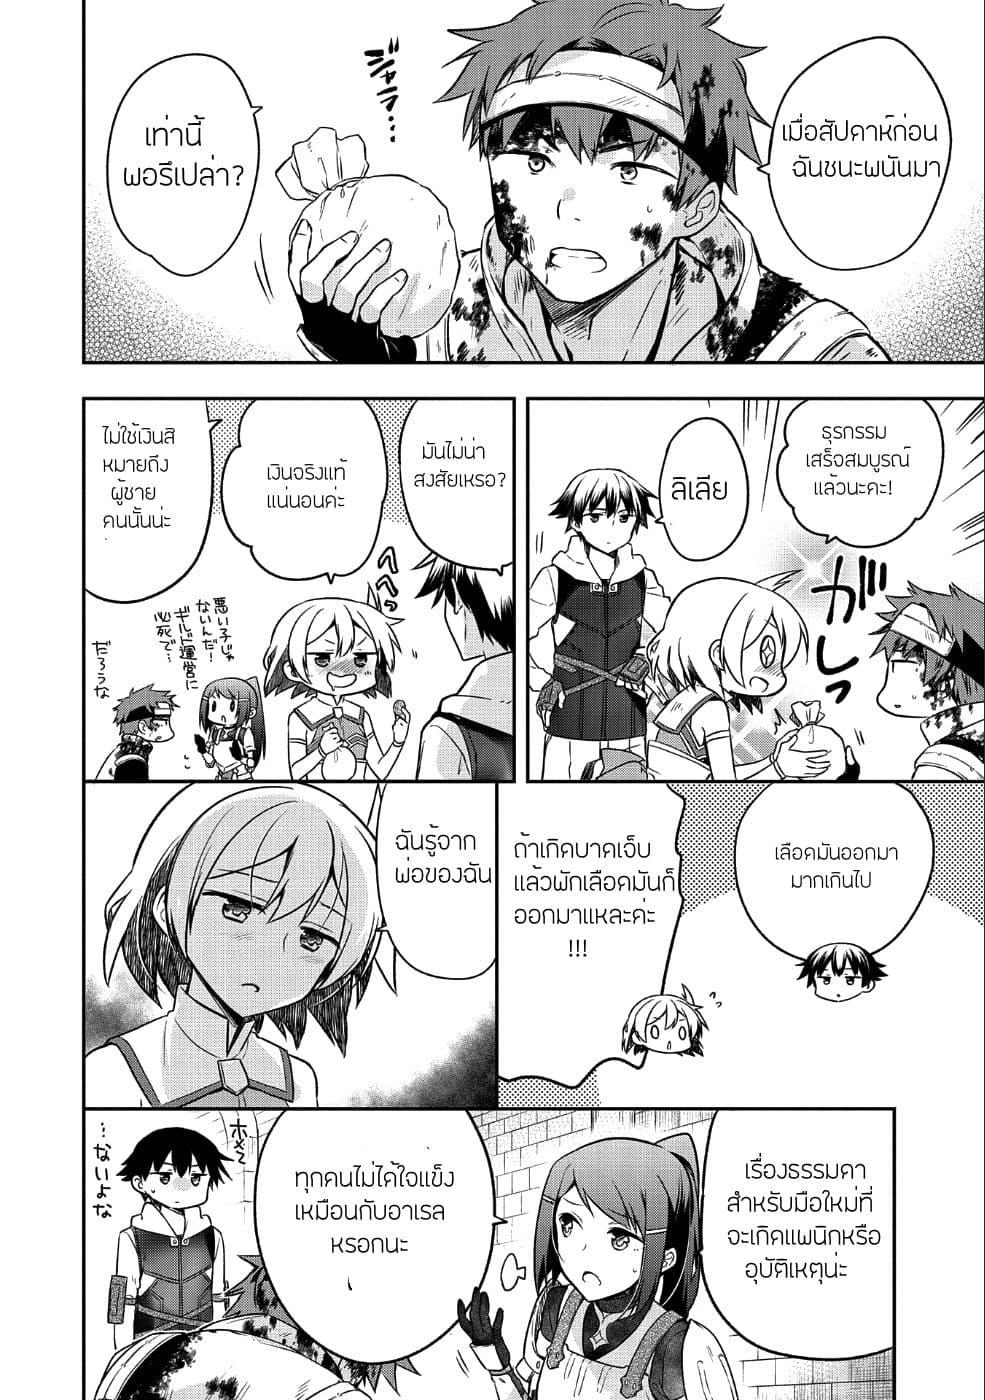 อ่านการ์ตูน Mushoku No Eiyuu Betsu Ni Skill Nanka Iranakatta Ndaga ตอนที่ 7 หน้าที่ 22